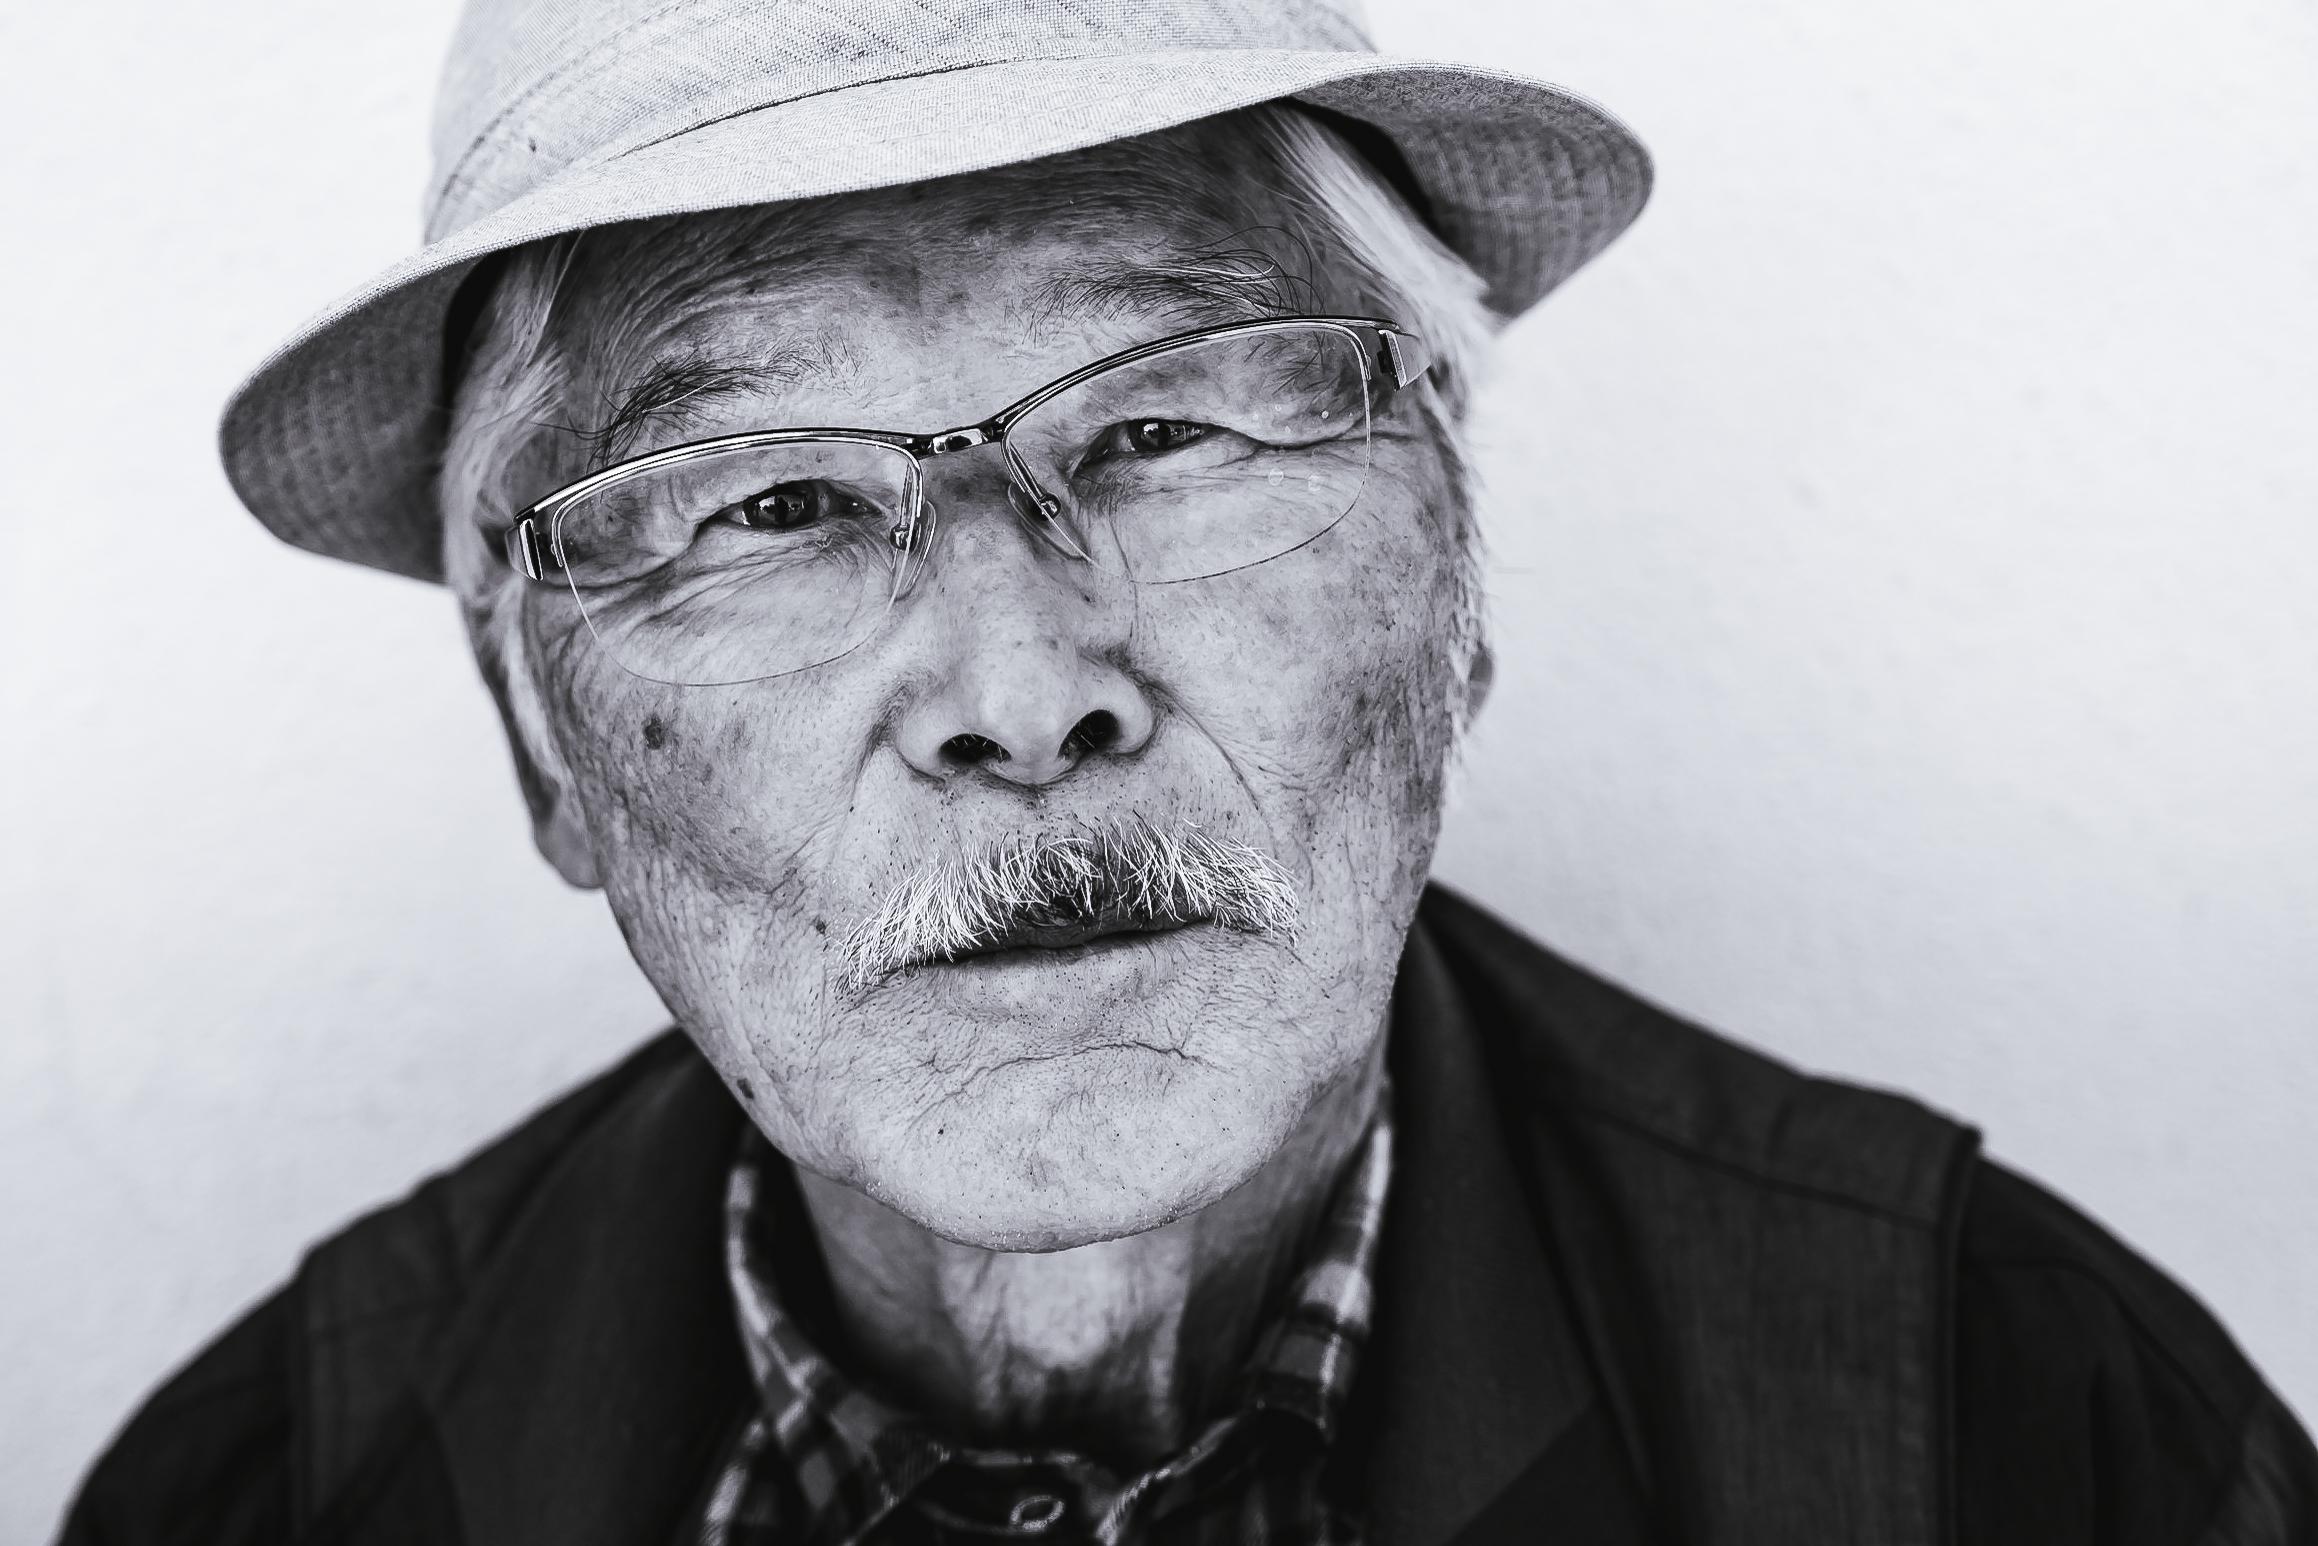 Tokyo old man